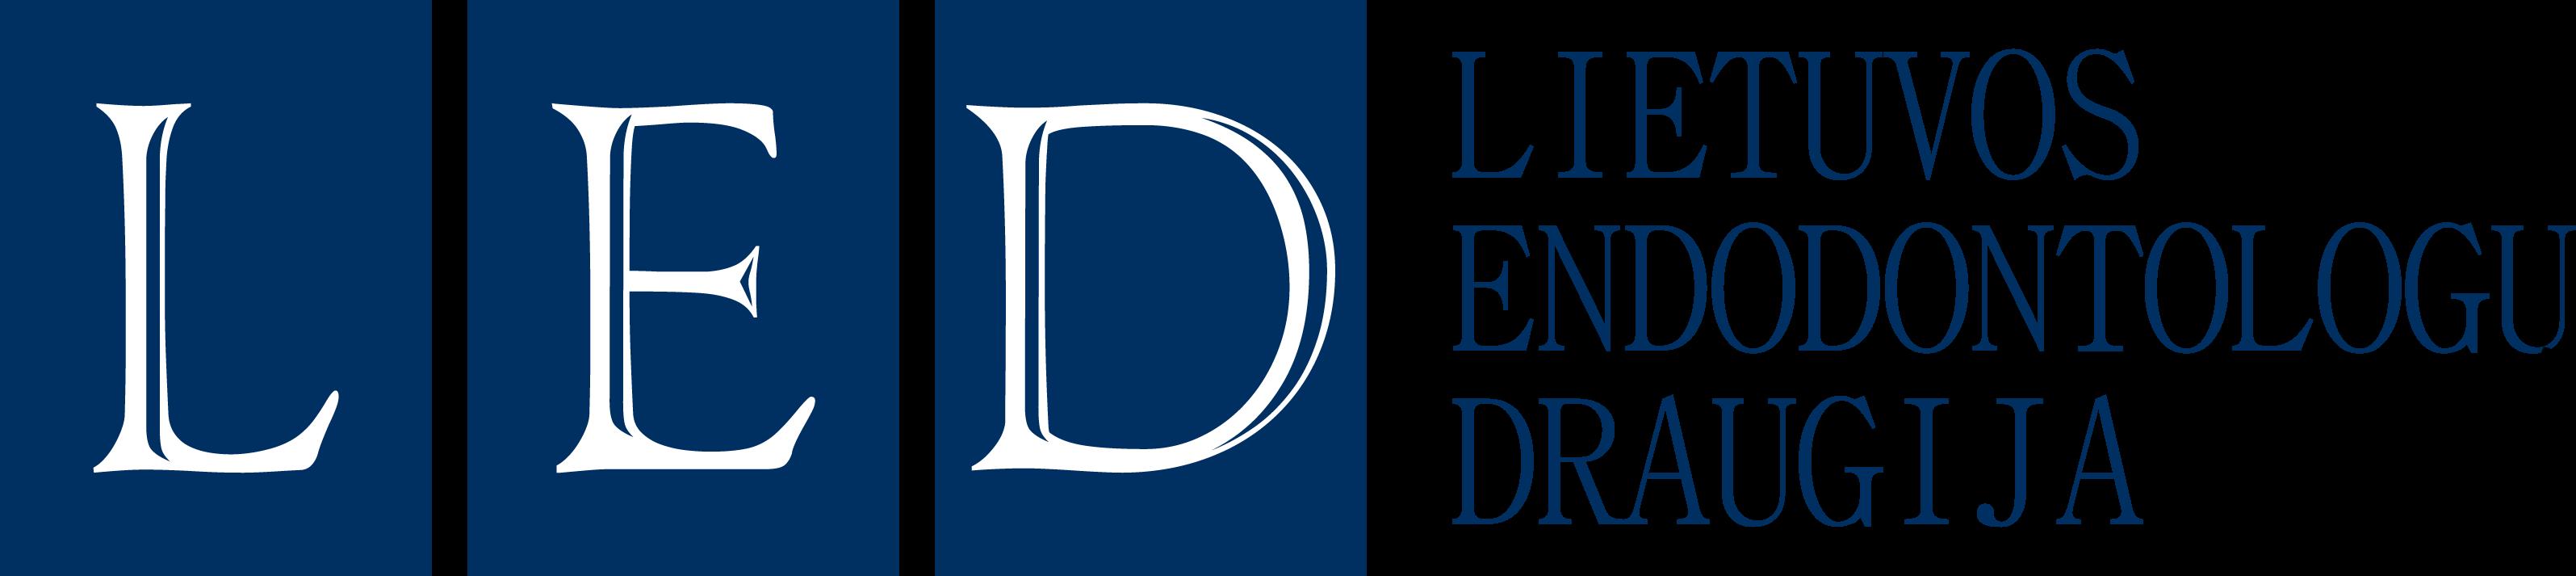 Lietuvos endodontologų draugija